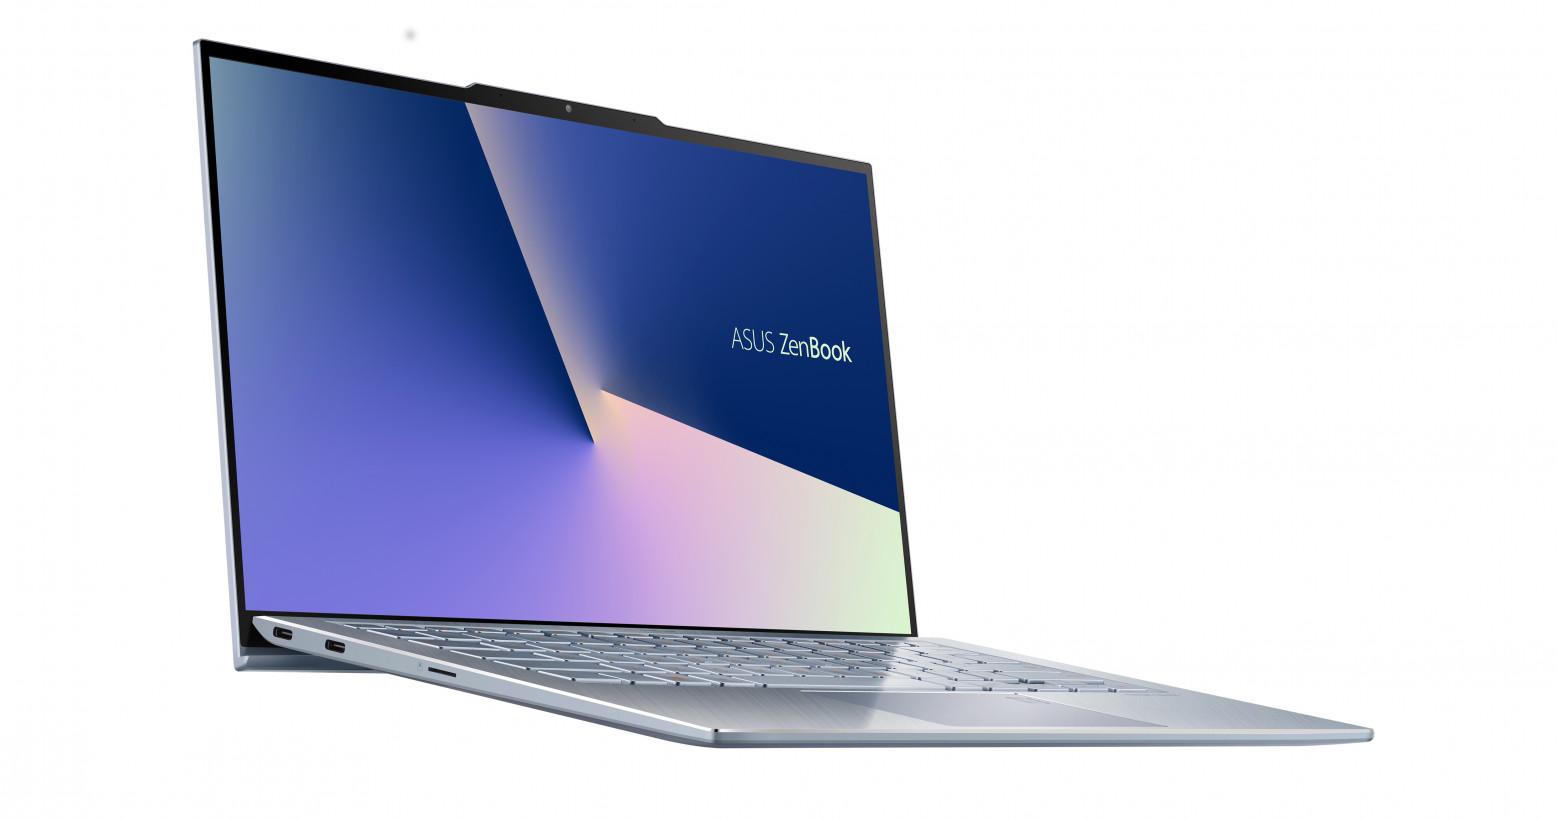 ASUS ZENBOOK S13 - Best Laptop of 2019 - Tech Urdu